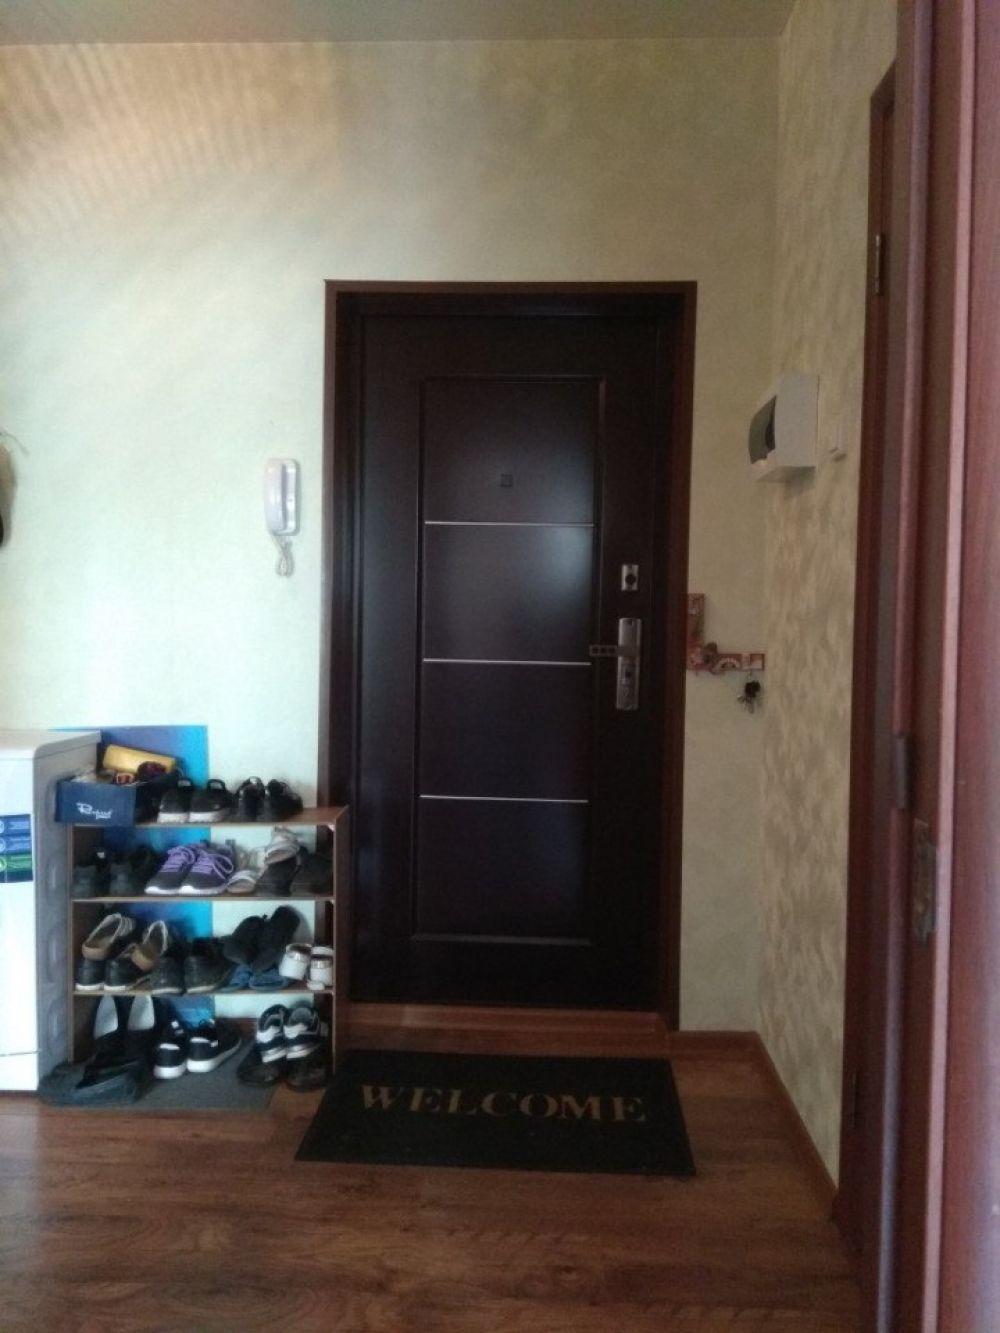 Однокомнатная квартира 44 м2, микрорайон Богородский д.1, фото 13